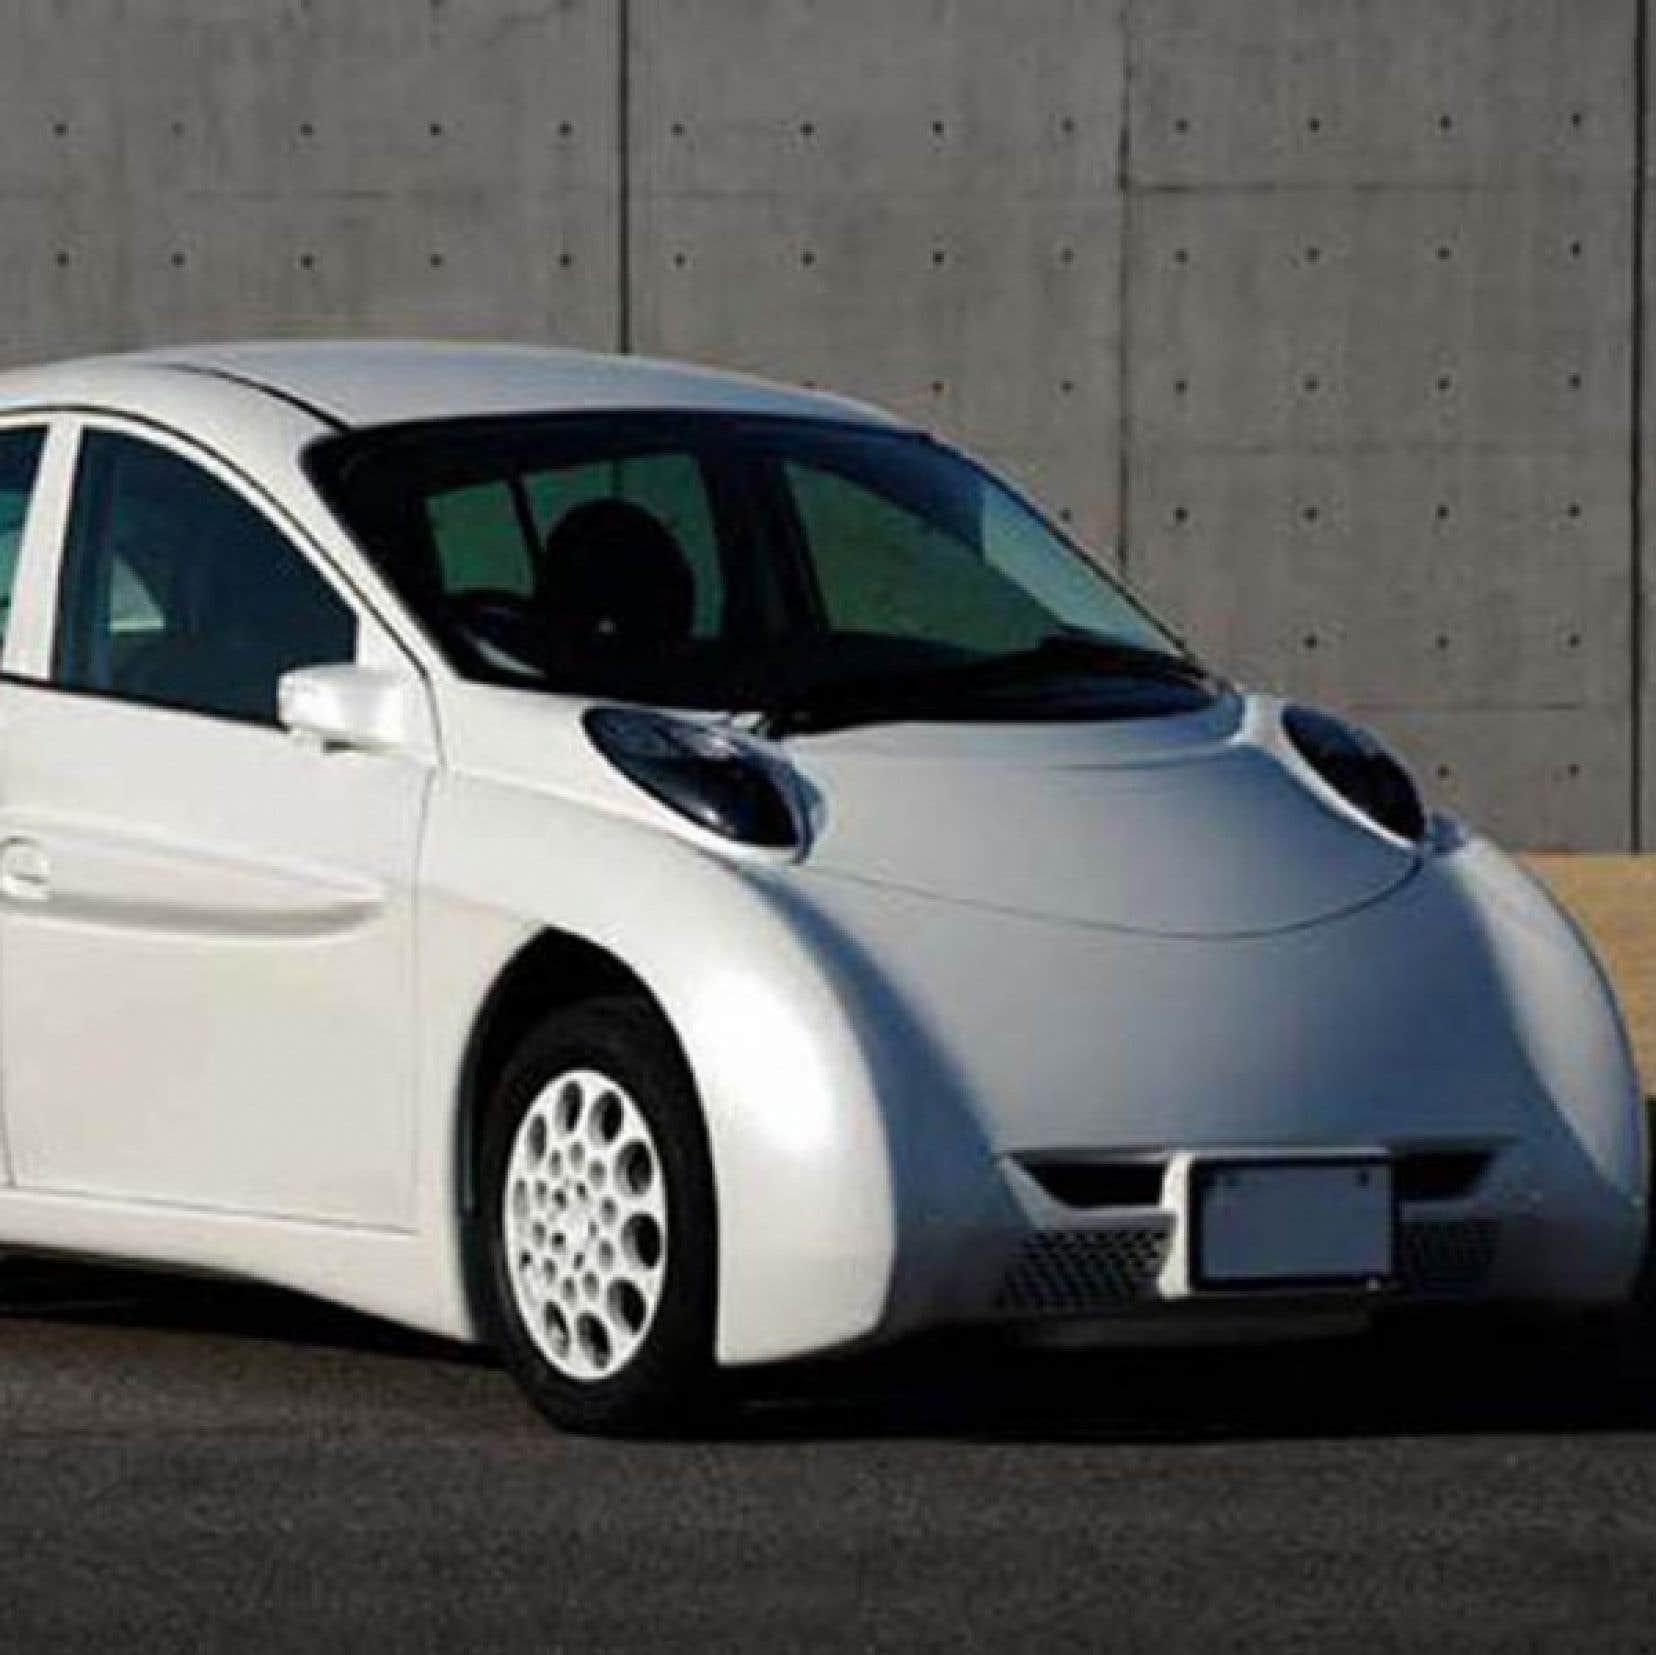 Le physicien Pierre Langlois dit de la SIM-LEI japonaise, dot&eacute;e de quatre moteurs-roues &agrave; entra&icirc;nement direct, qu&rsquo;elle est la voiture dont r&ecirc;vent autant James Bond que David Suzuki !<br /> <br />